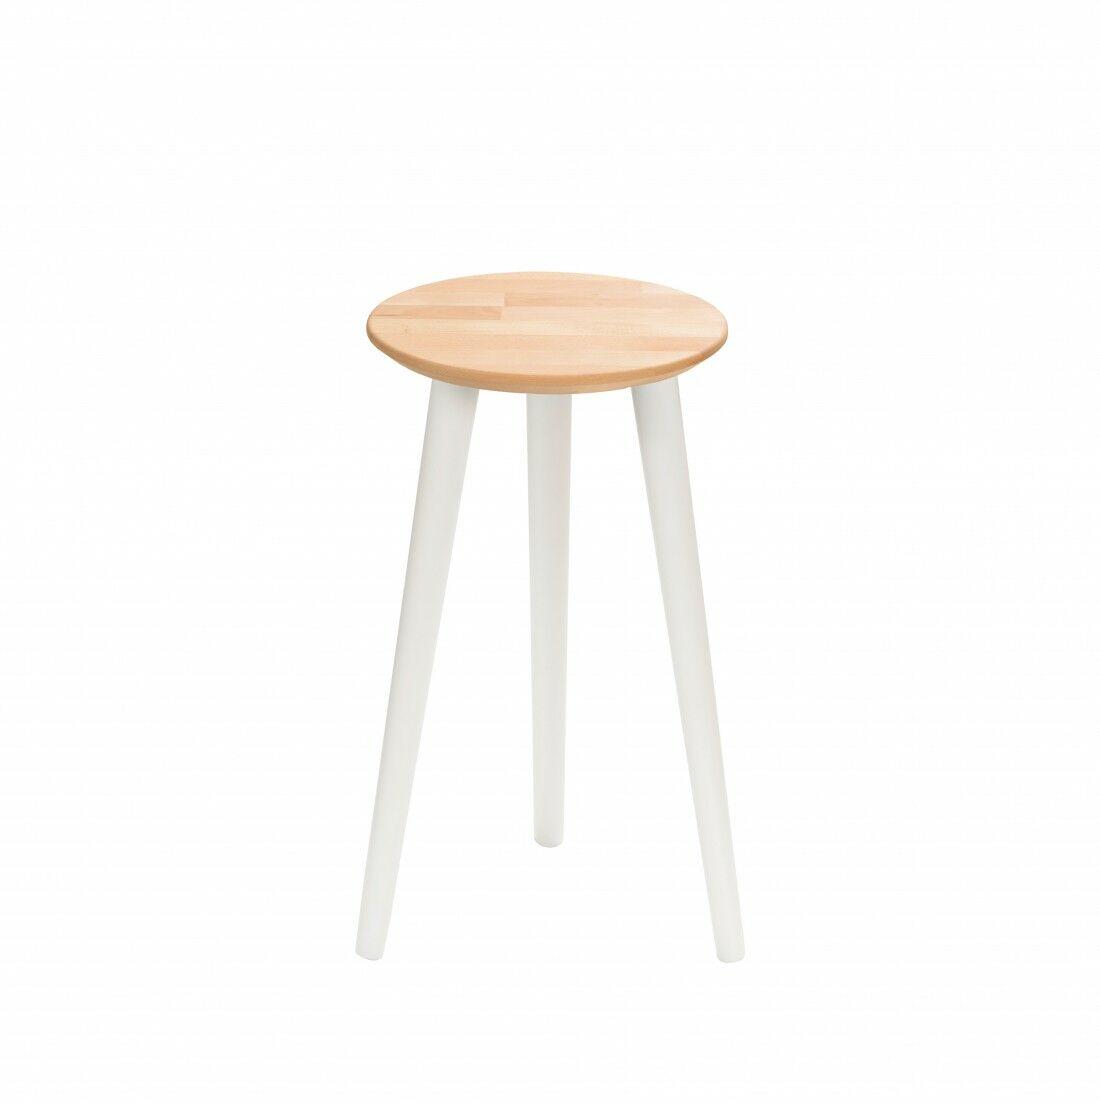 Taboret drewniany okrągły z litego buka Olejowany buk - Natural, Wykończenie nogi - Biały, Wysokość - 540, Wymiar siedziska (Średnica) - 300